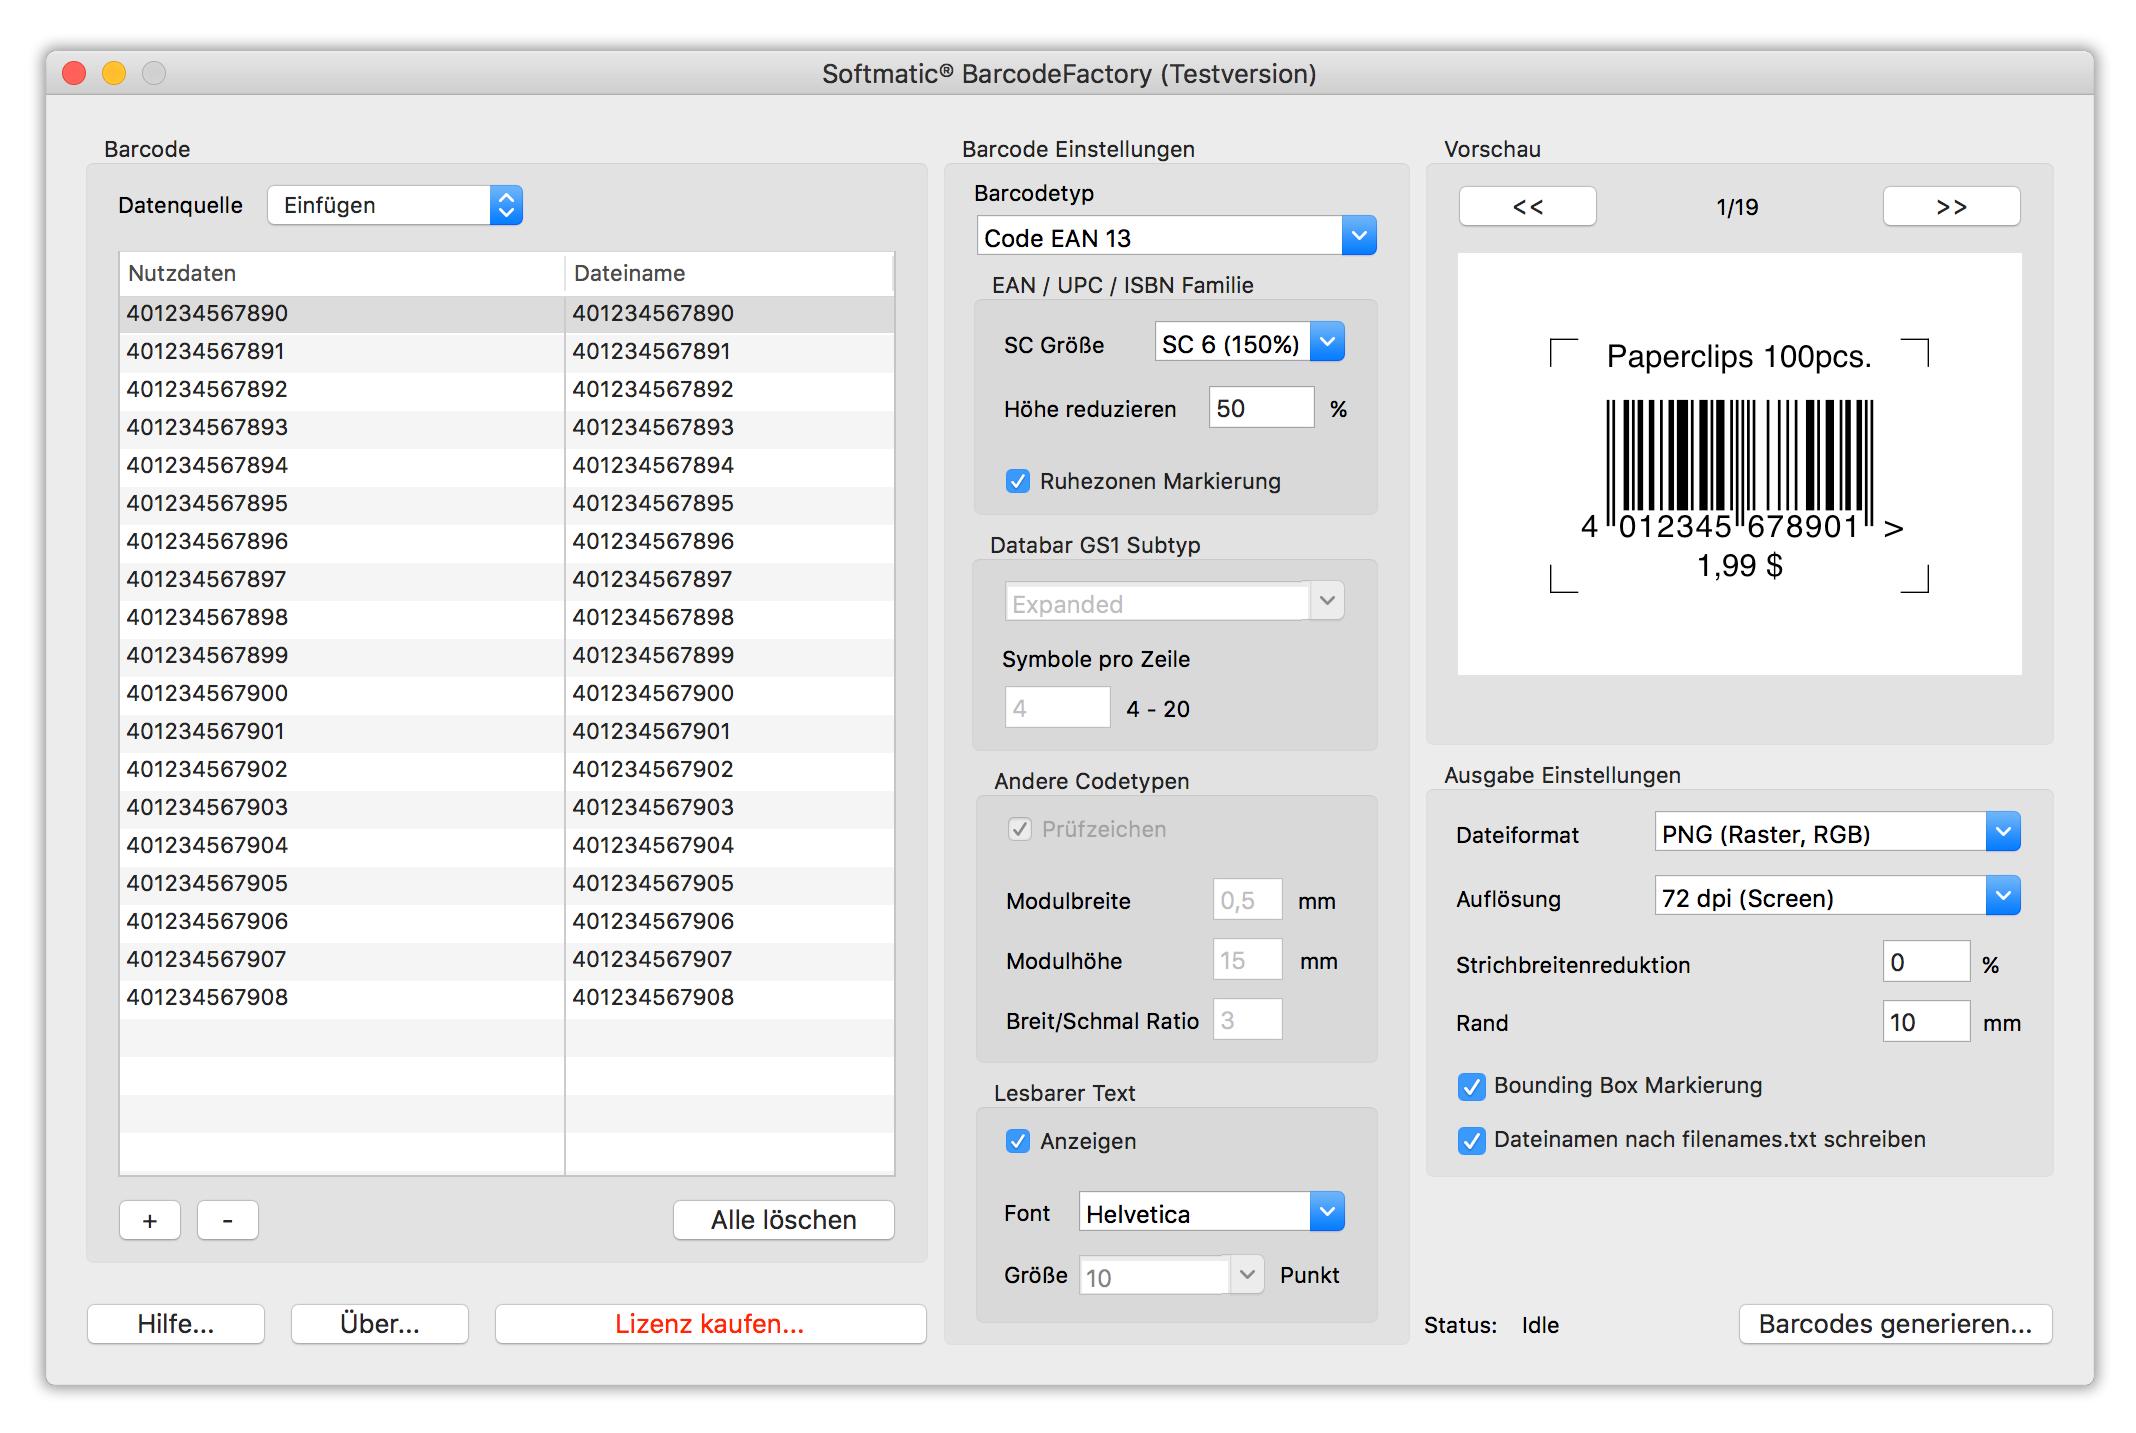 Fortlaufende Barcodes, Massenbarcodes, Automatisch Barcode ...